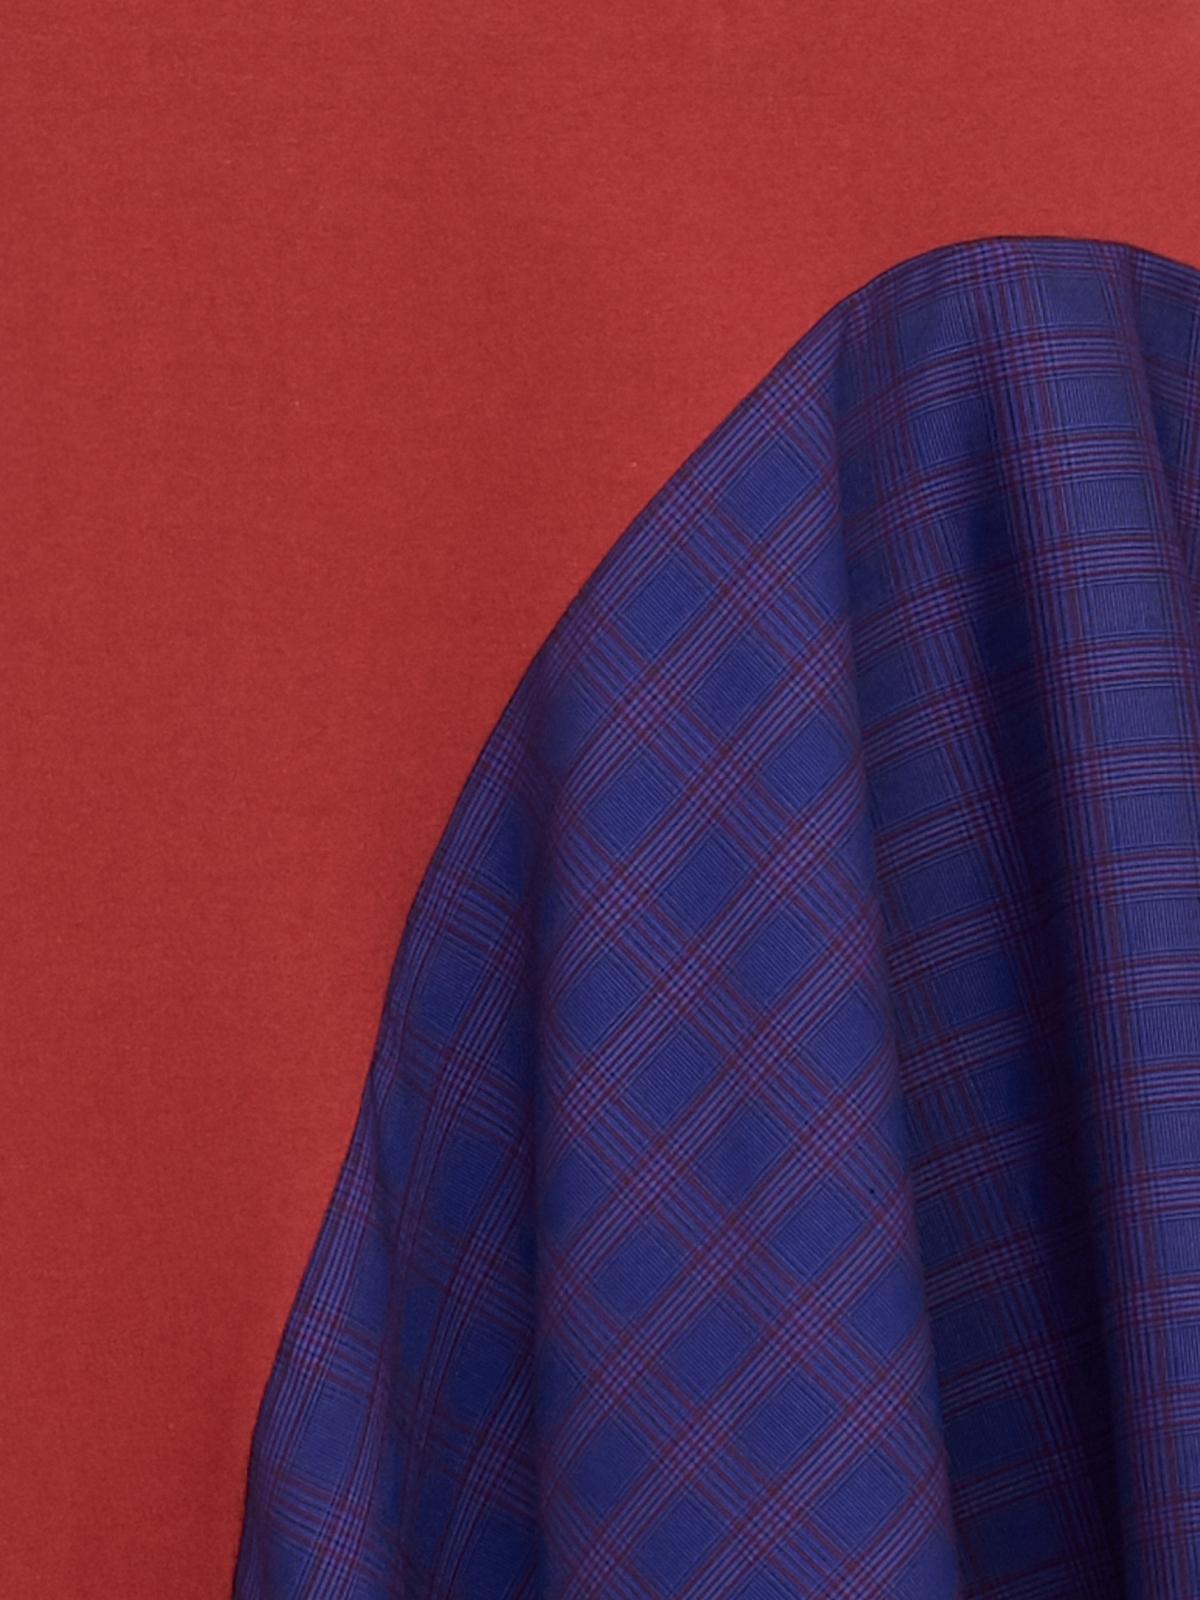 Matter Makers Sleeveless Tartan Maxi Dress Red